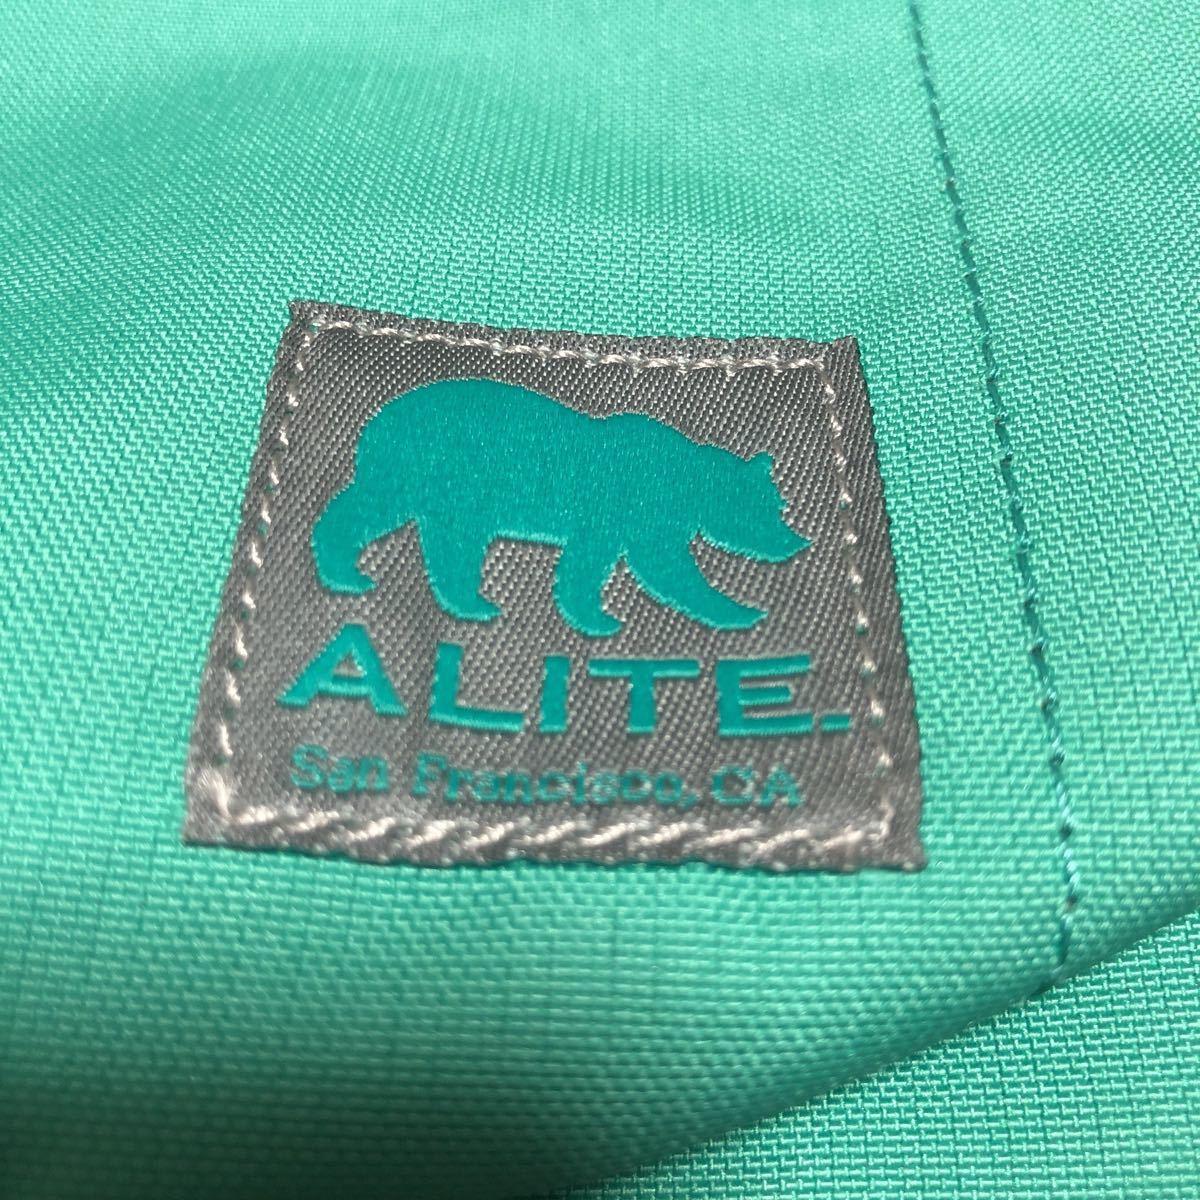 ALITE エーライト 新品 定価7020円 リュック ザック バッグ ノースフェイス店購入 登山 フェス アウトドア キャンプ_画像5